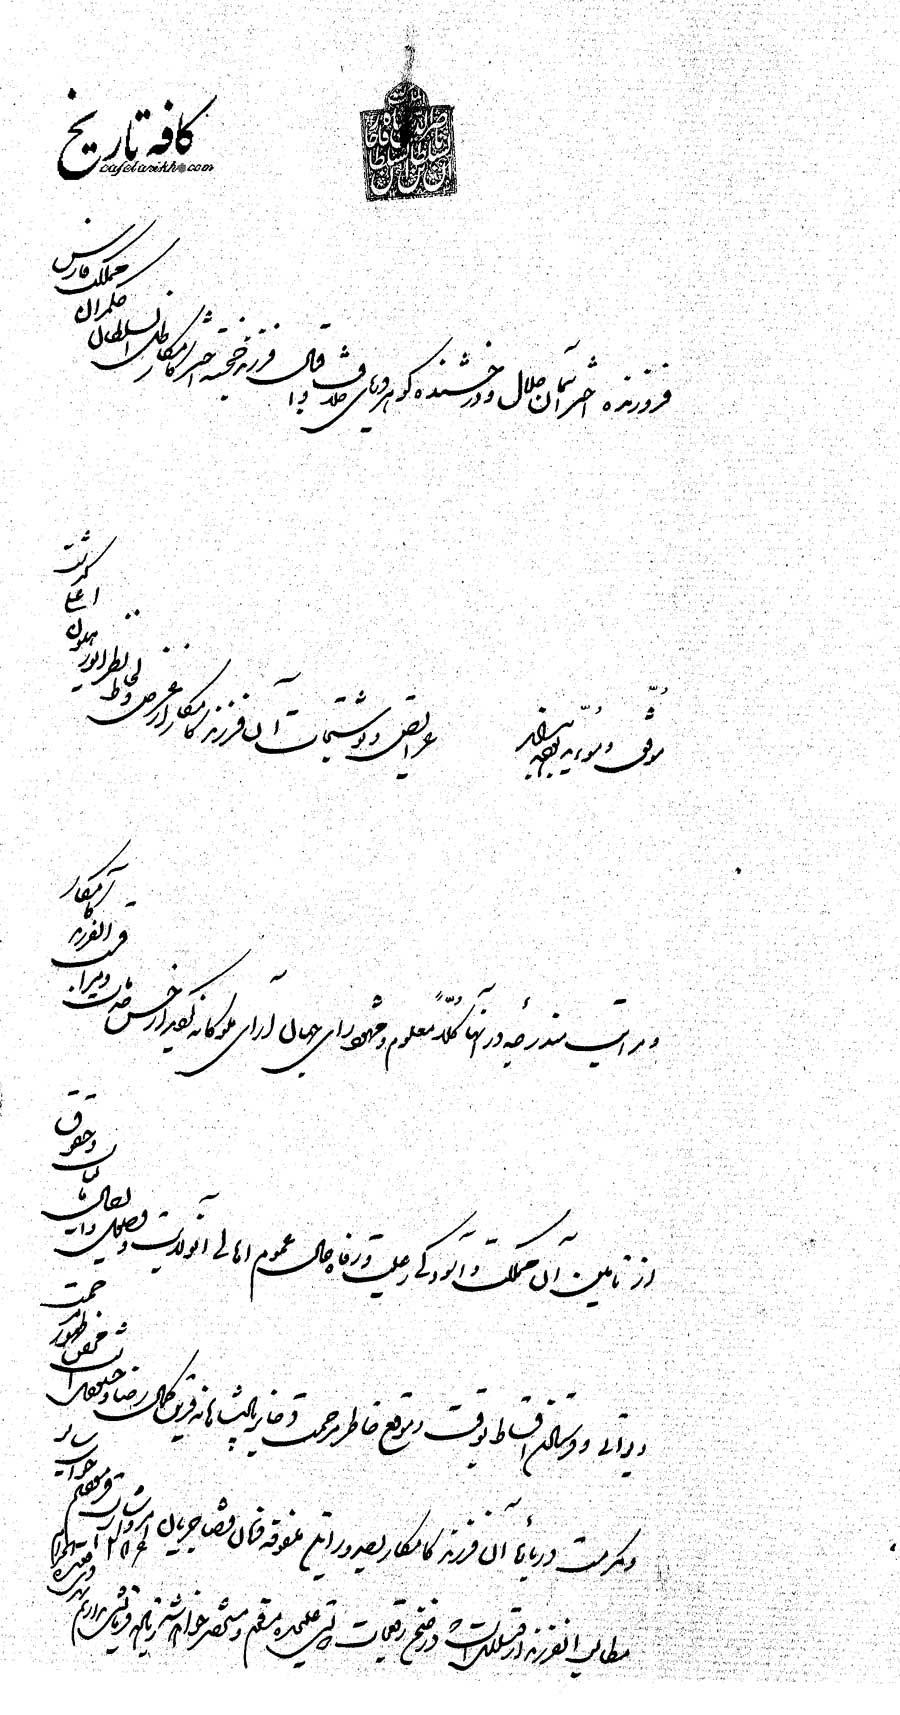 اظهار رضایت ناصرالدین شاه از اقدامات مسعودمیرزا ظل السلطان حکمران اصفهان